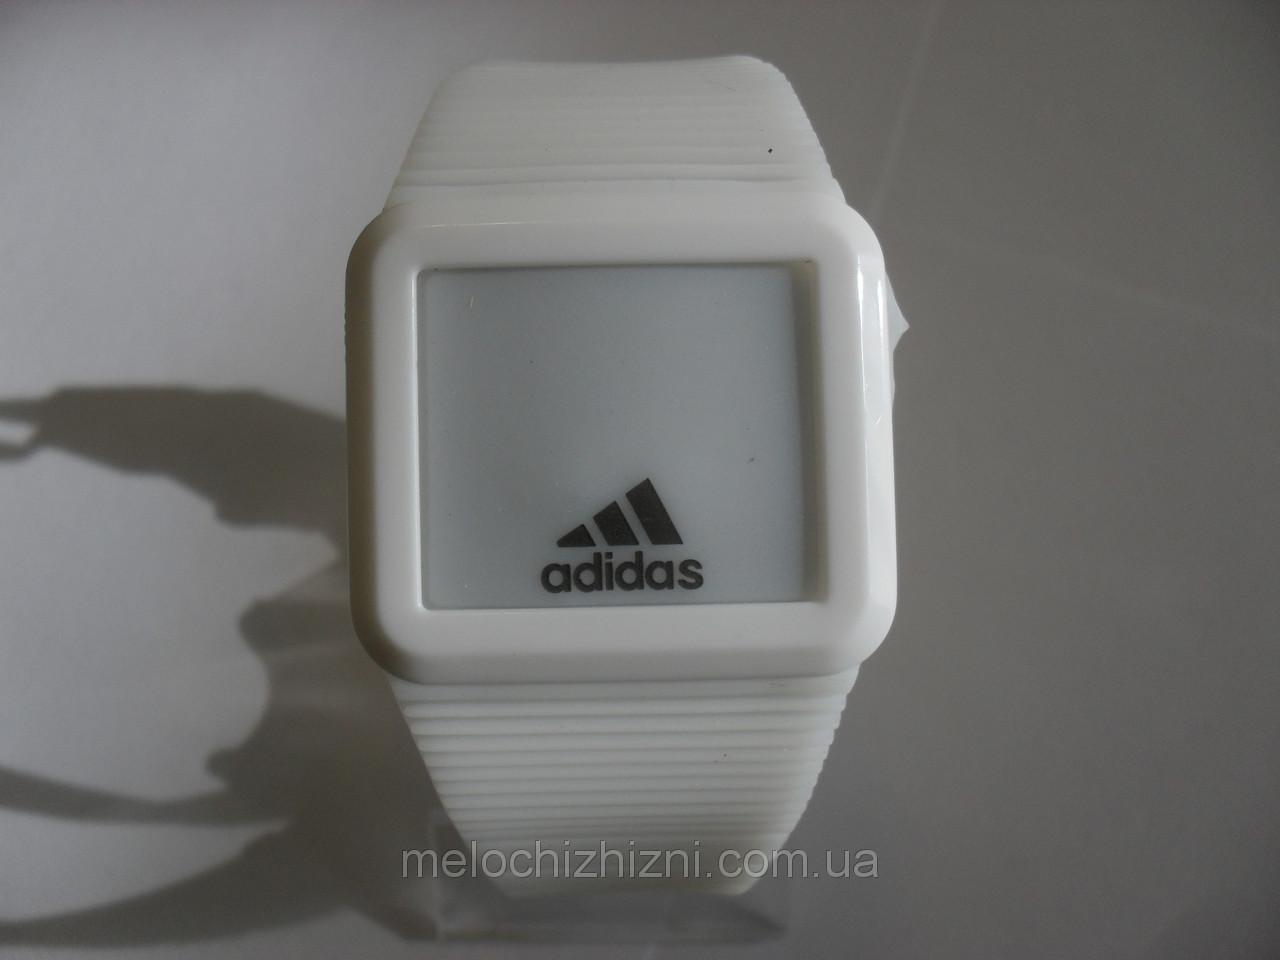 Часы женские Adidas (Арт. 01) - Гипермаркет товаров. Цены от производителя! в Одессе